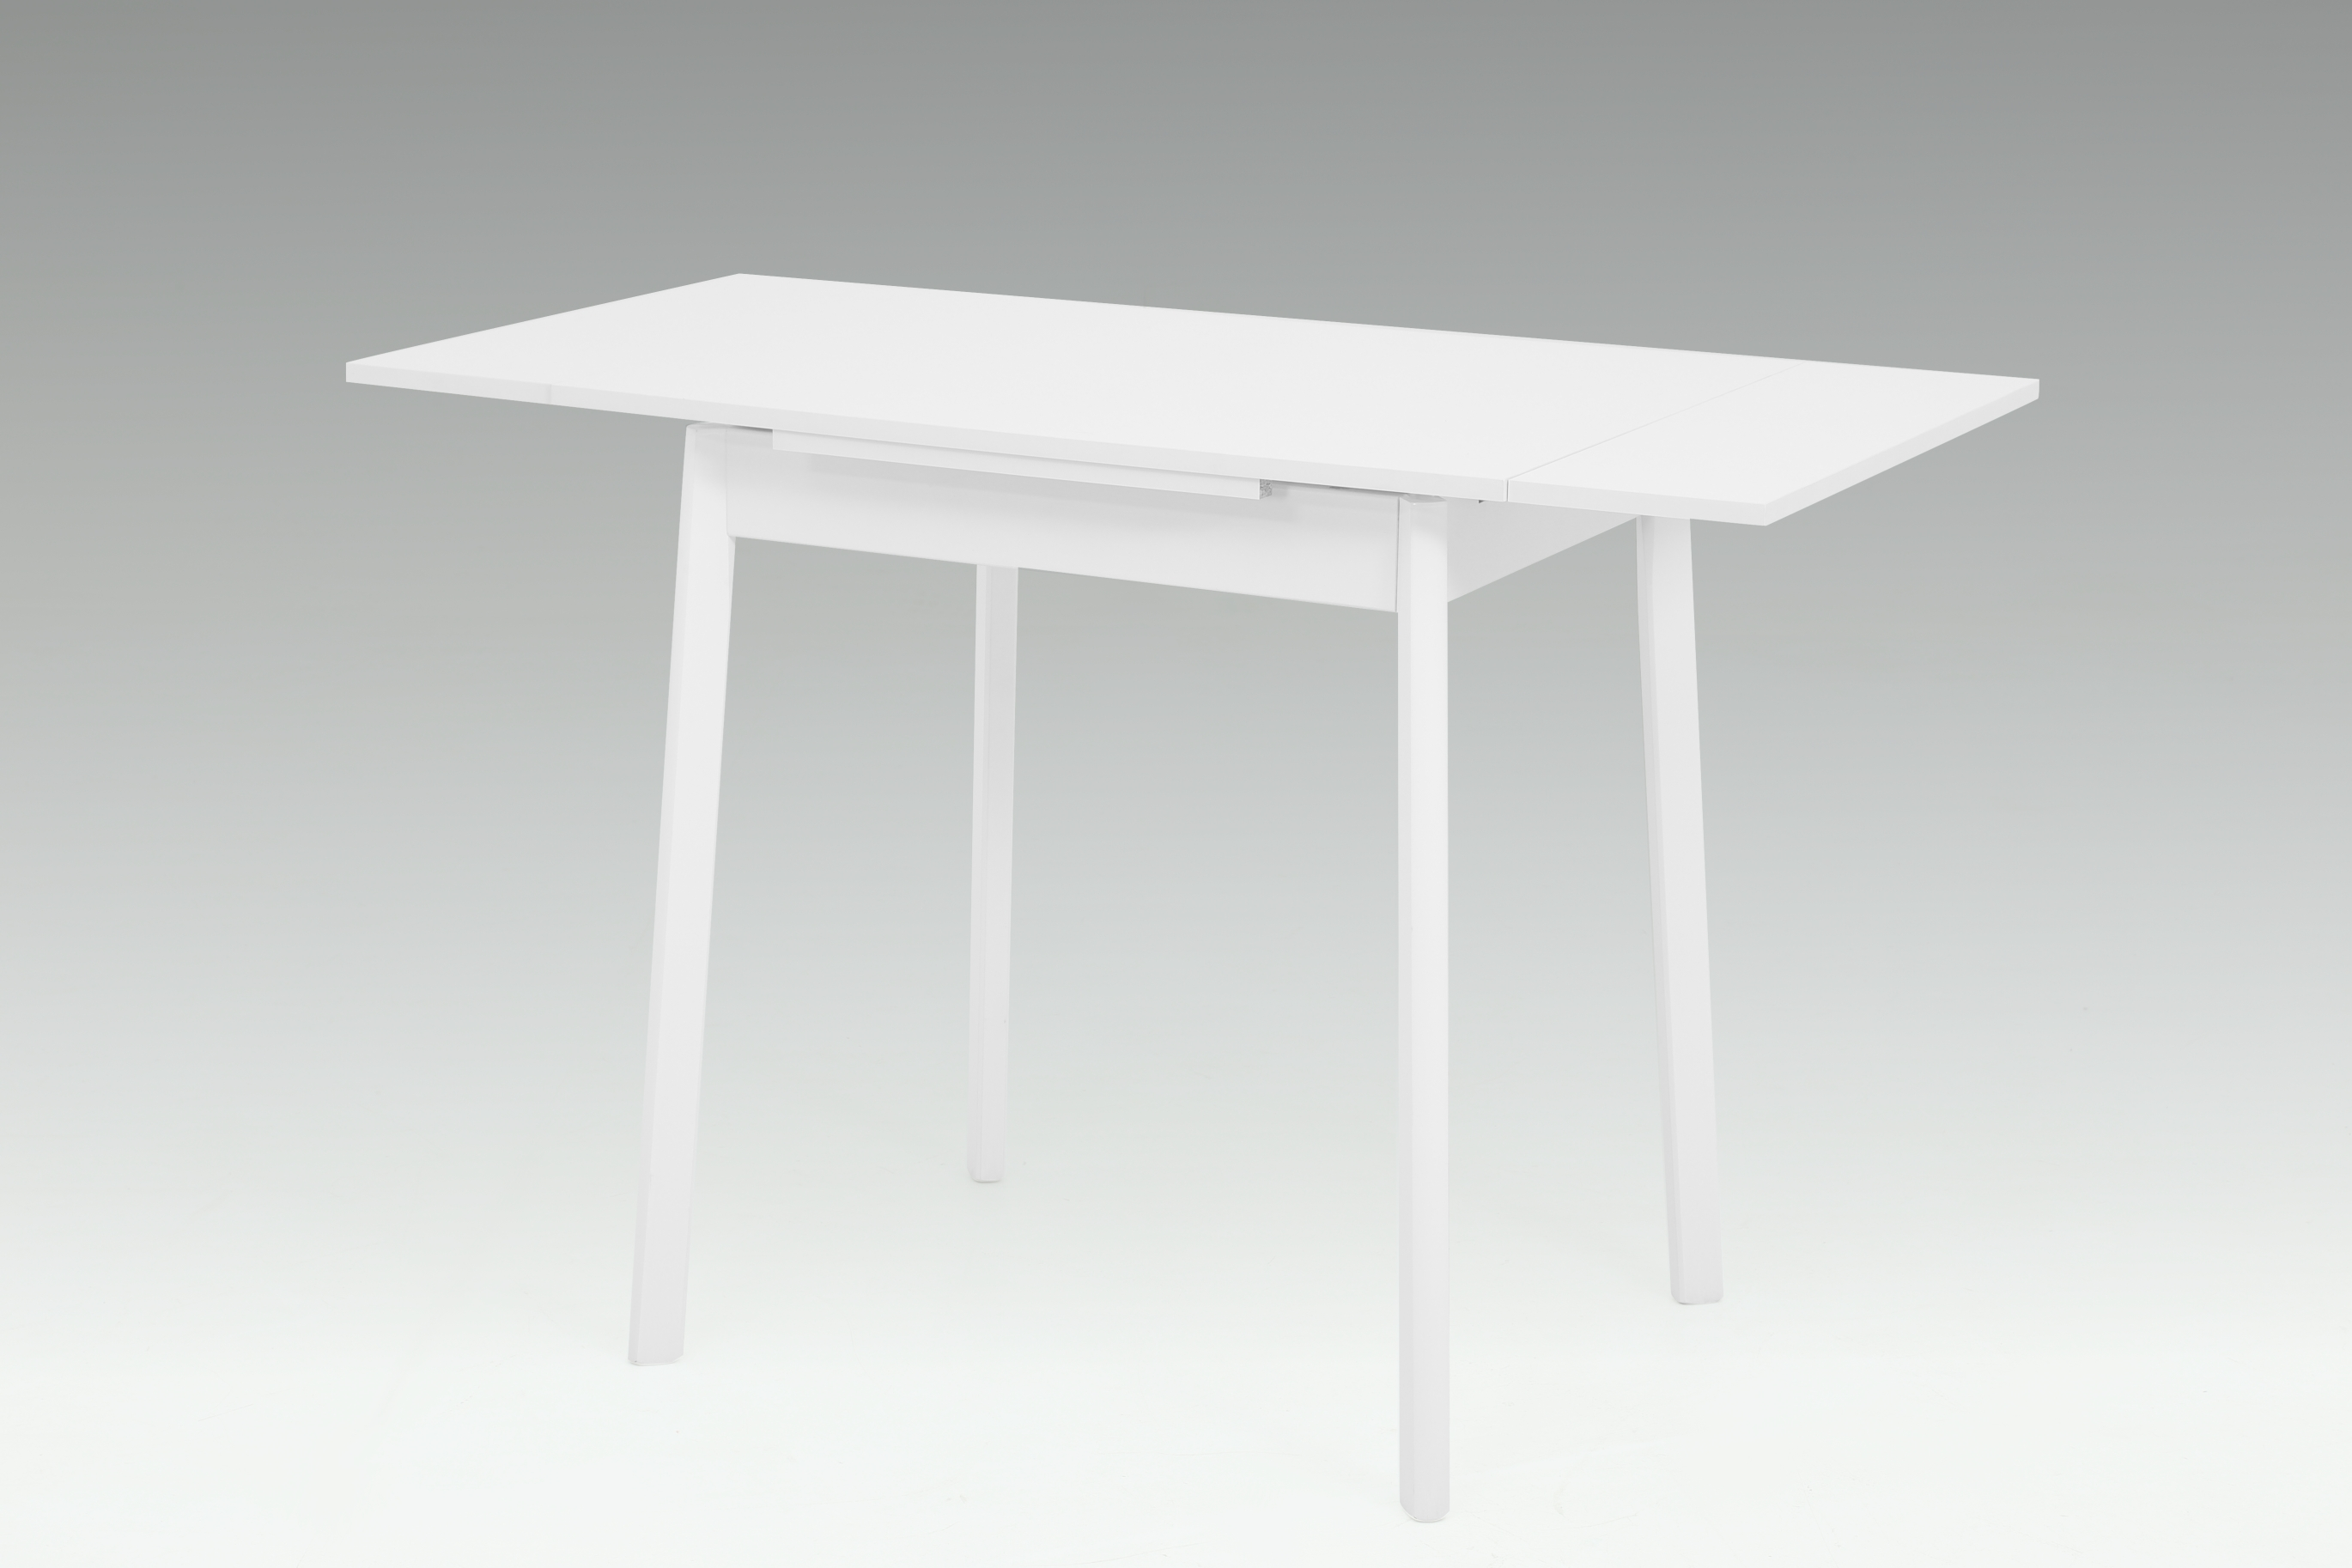 75-112x55 cm Esstisch Küchentisch Tisch Trier II 13 Weiß ausziehbar